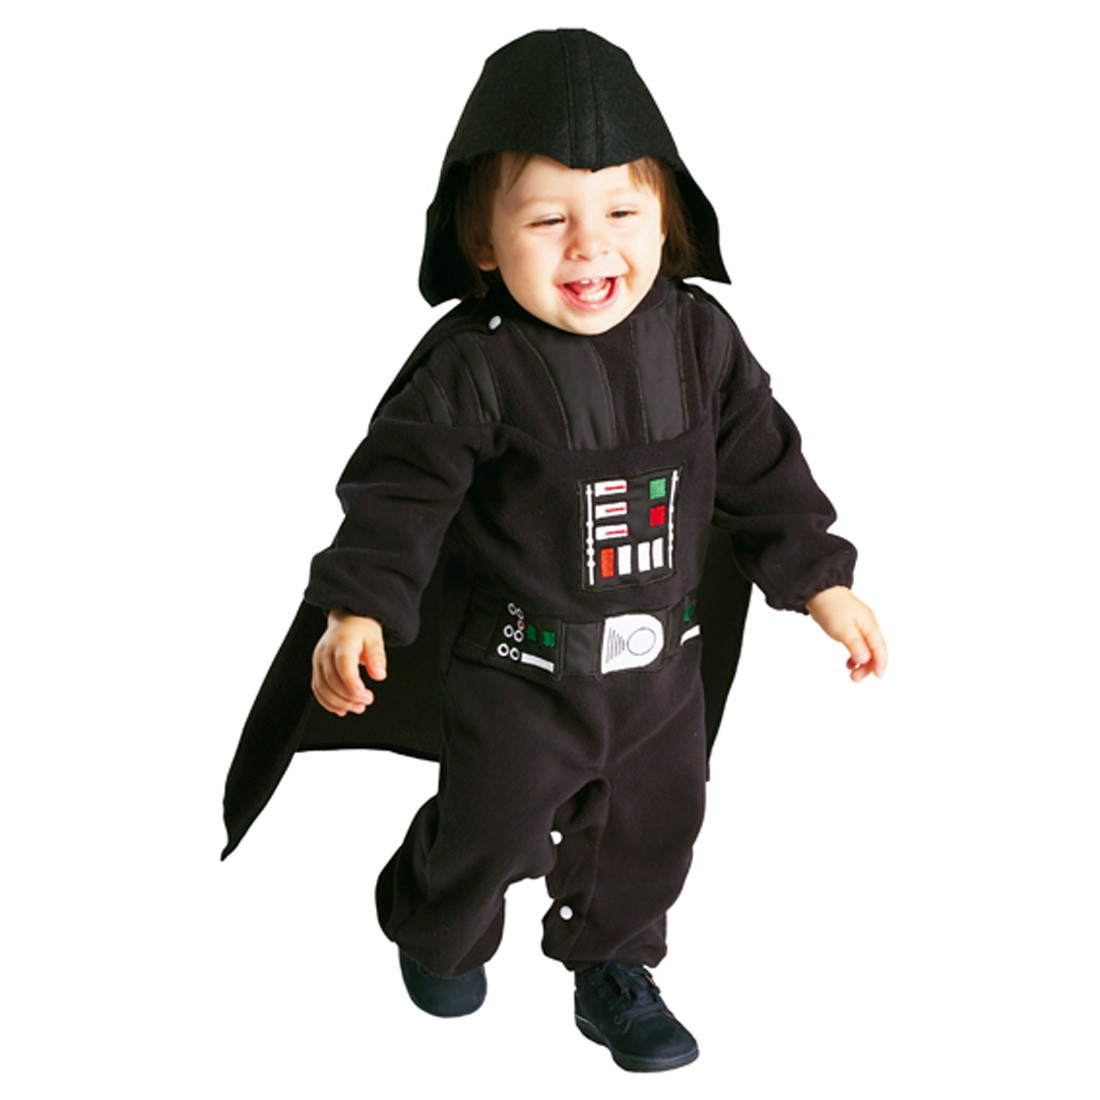 darth vader kinder kostum strampler star wars